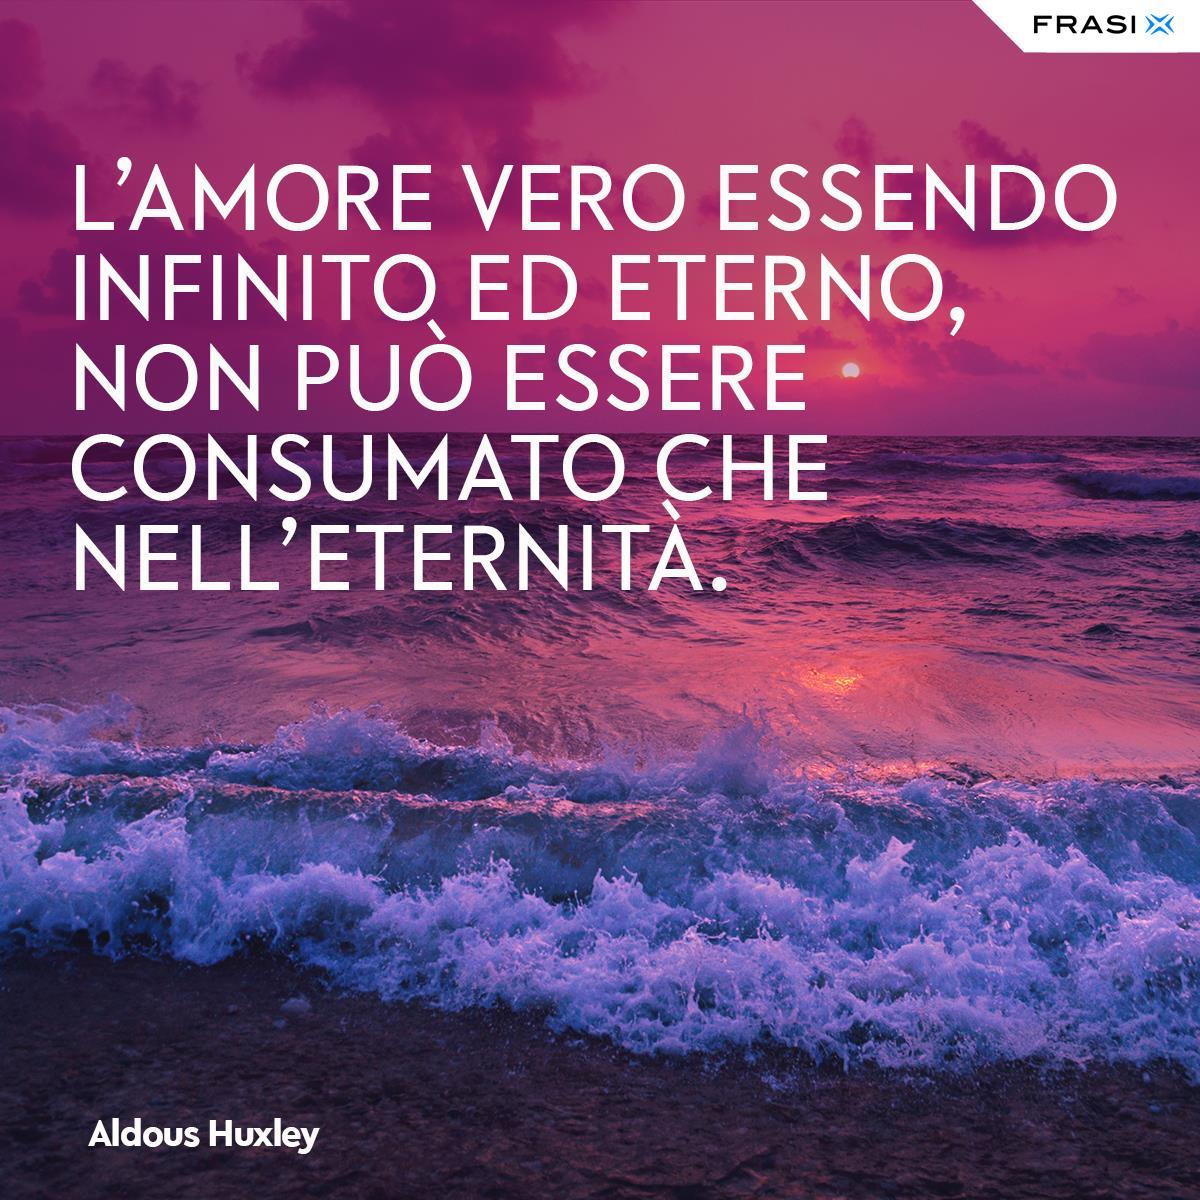 Aforismi d'amore Aldous Huxley